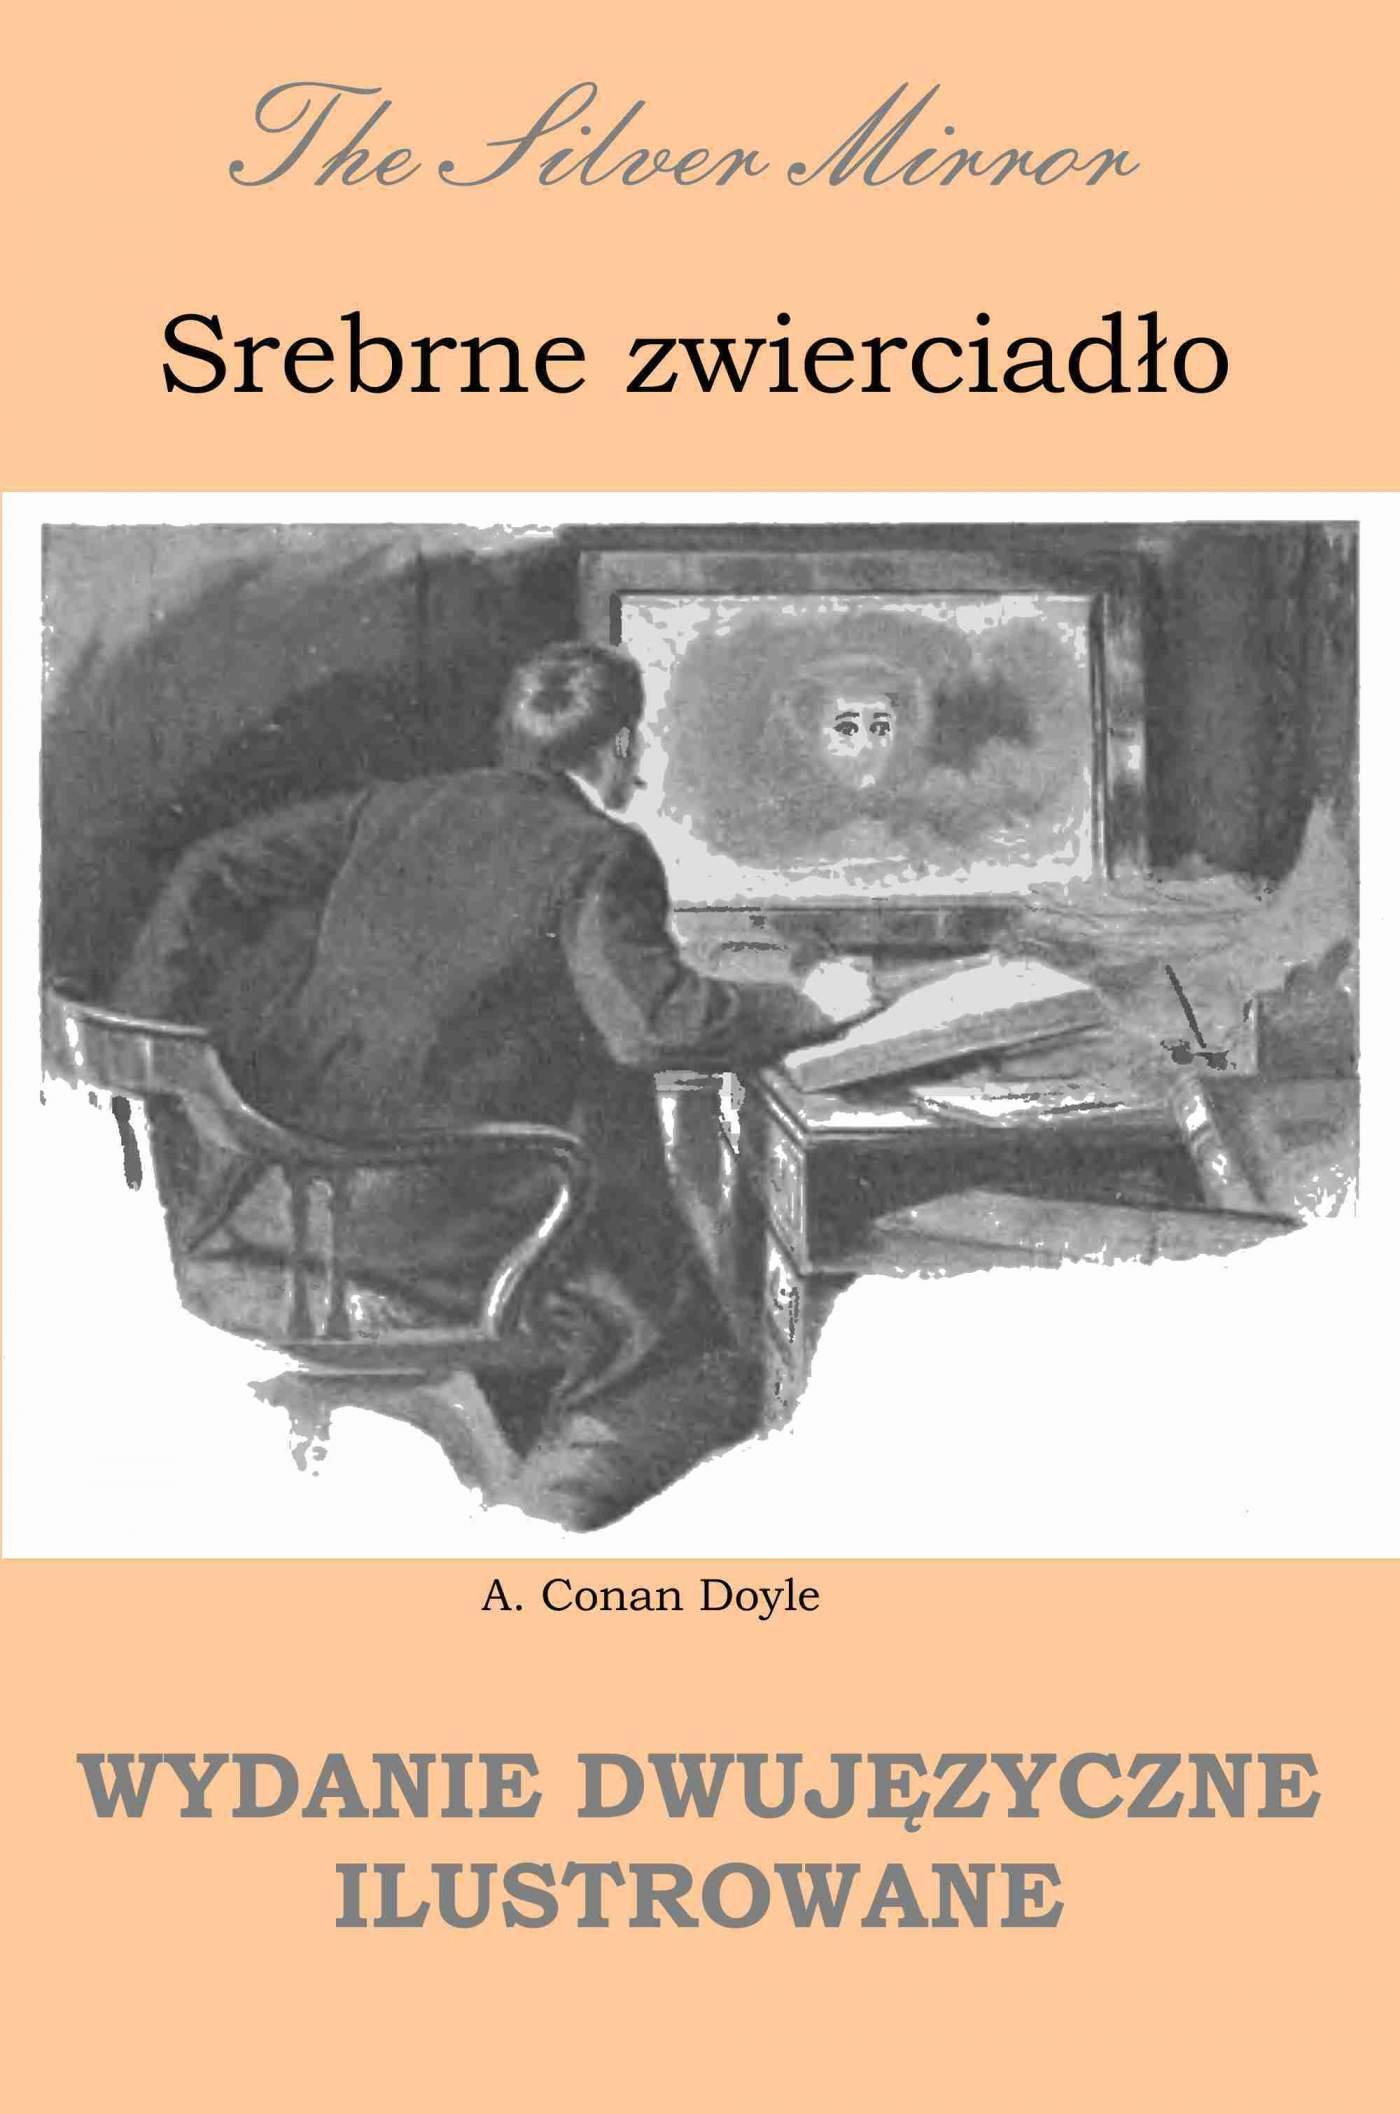 Srebrne zwierciadło. Wydanie dwujęzyczne ilustrowane - Ebook (Książka PDF) do pobrania w formacie PDF